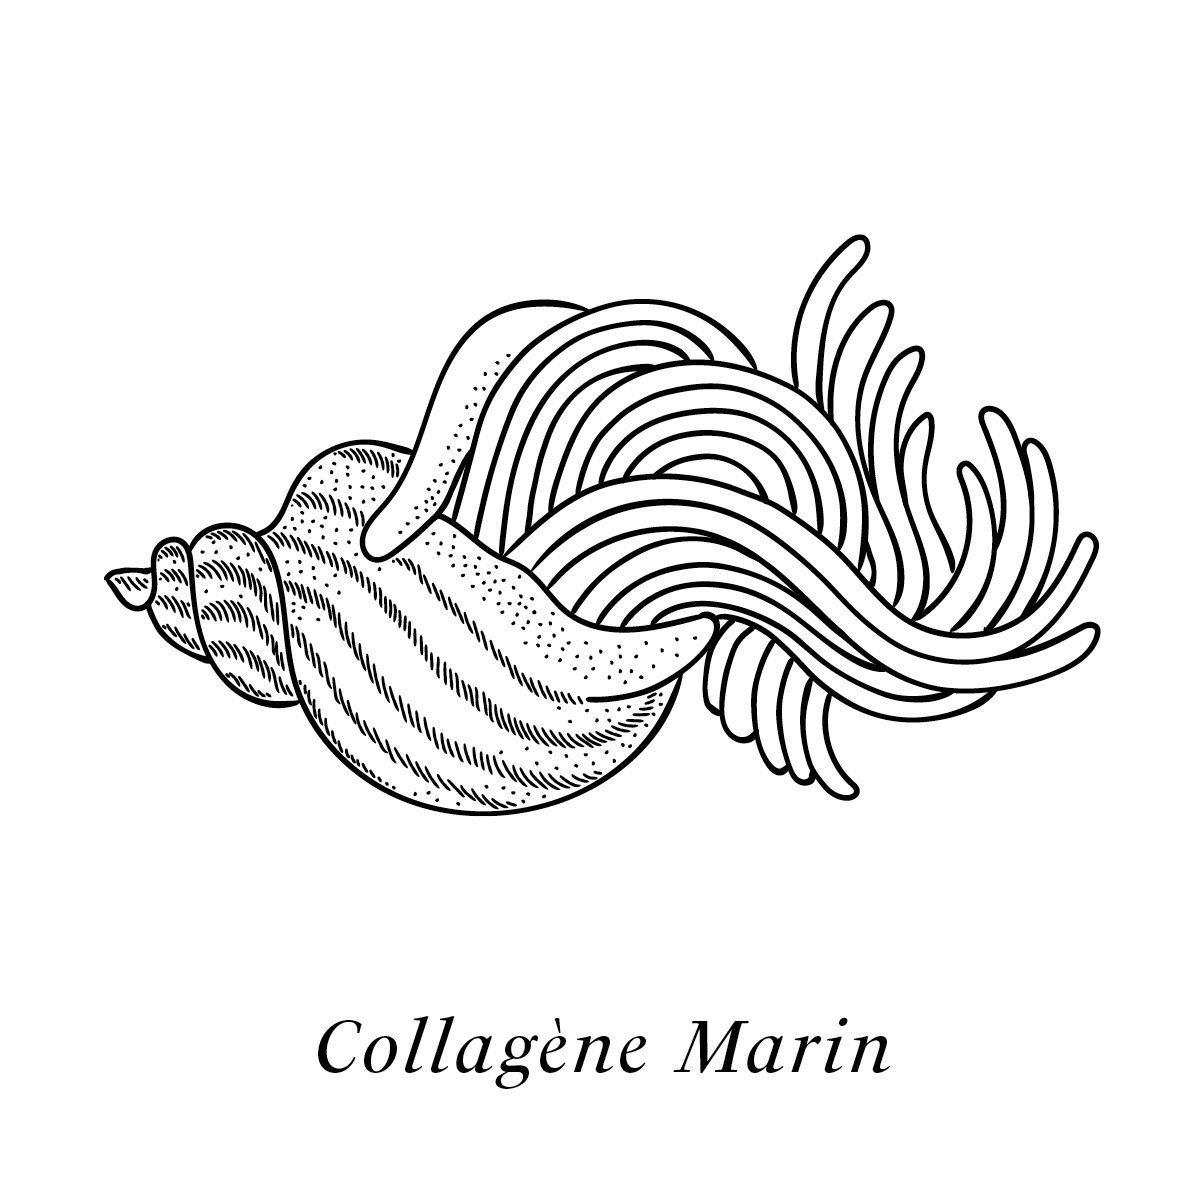 Illustration du collagène marin, actif de la crème Claudius N°1 agissant sur le vieillissement de la peau, design ichetkar